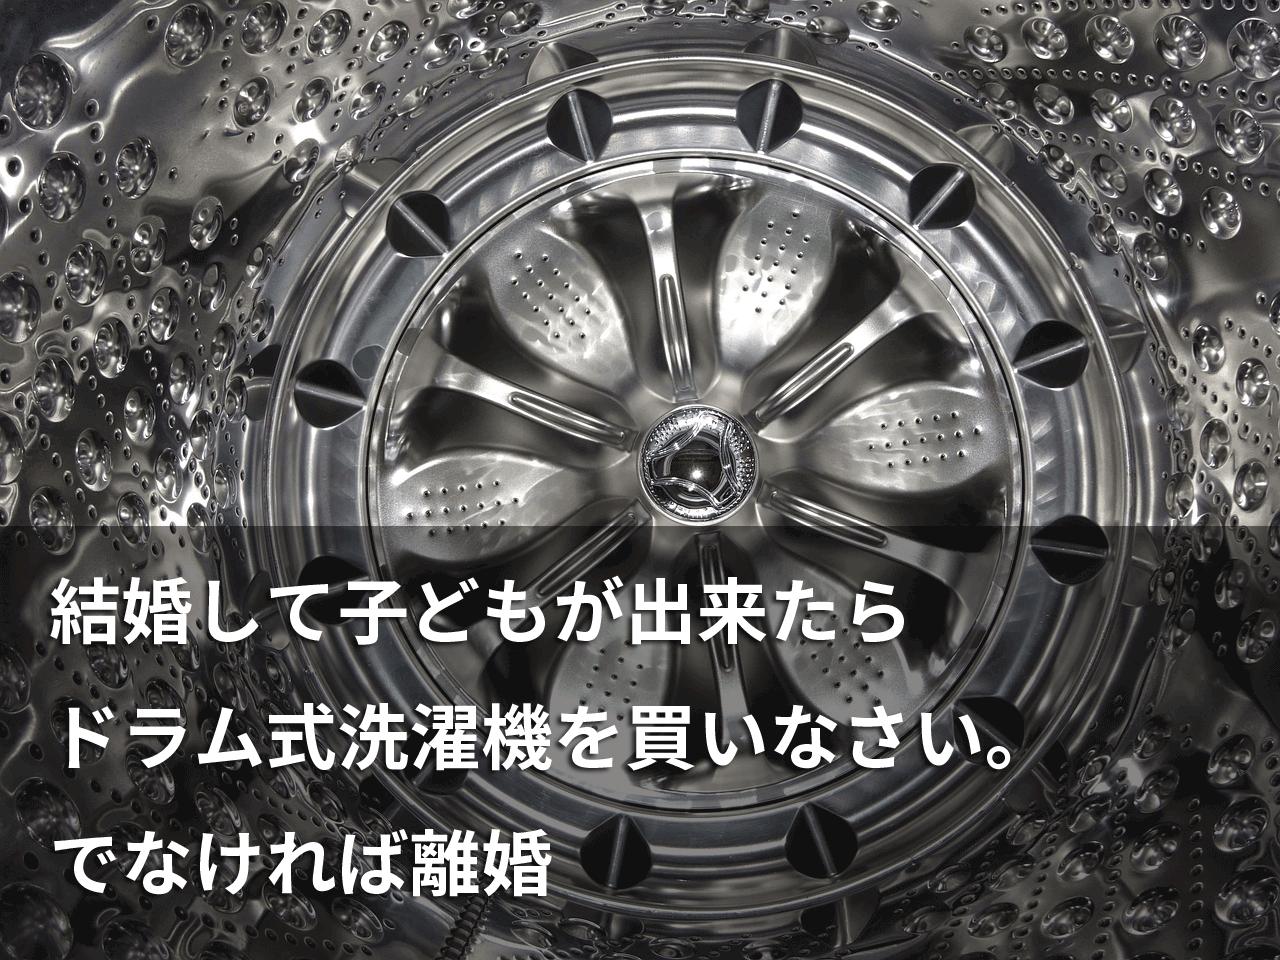 ドラム式洗濯機が家庭に平和をもたらす